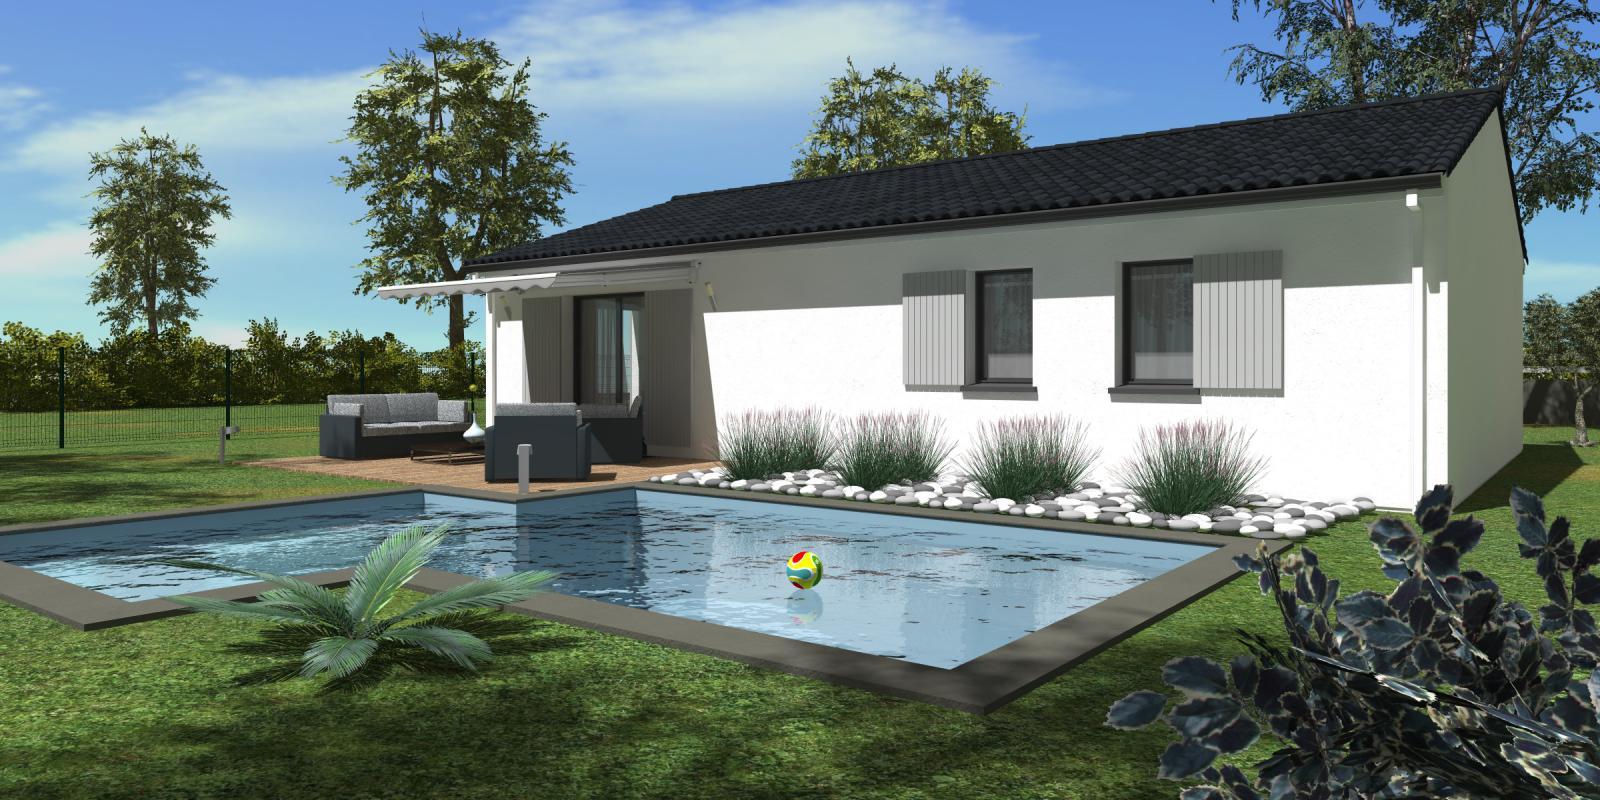 Maisons + Terrains du constructeur HEXHA CONSTRUCTION • 100 m² • PETIT PALAIS ET CORNEMPS